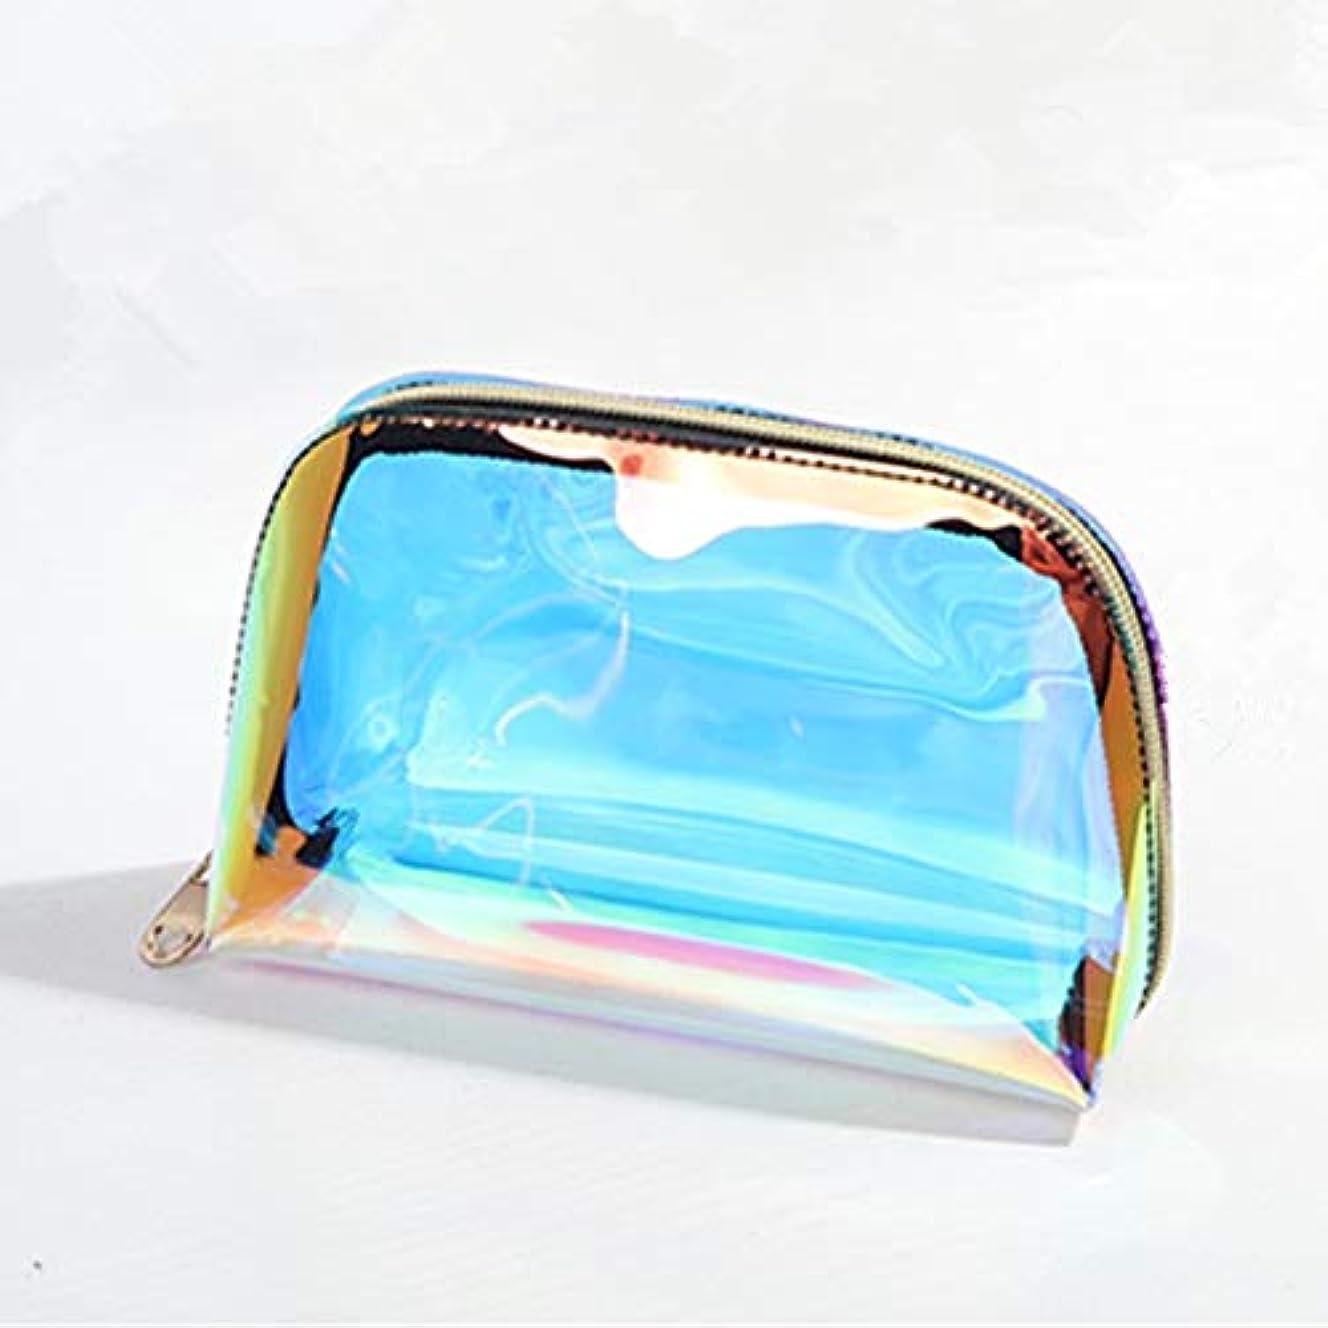 むしろアパル持続するGUJIJI 化粧ポーチ 大容量 防水 軽量便利 旅行 出張 温泉 防水 収納 镭射デザイン多機能バッグ 透明化粧品ボックス (SMALL, マルチカラー)